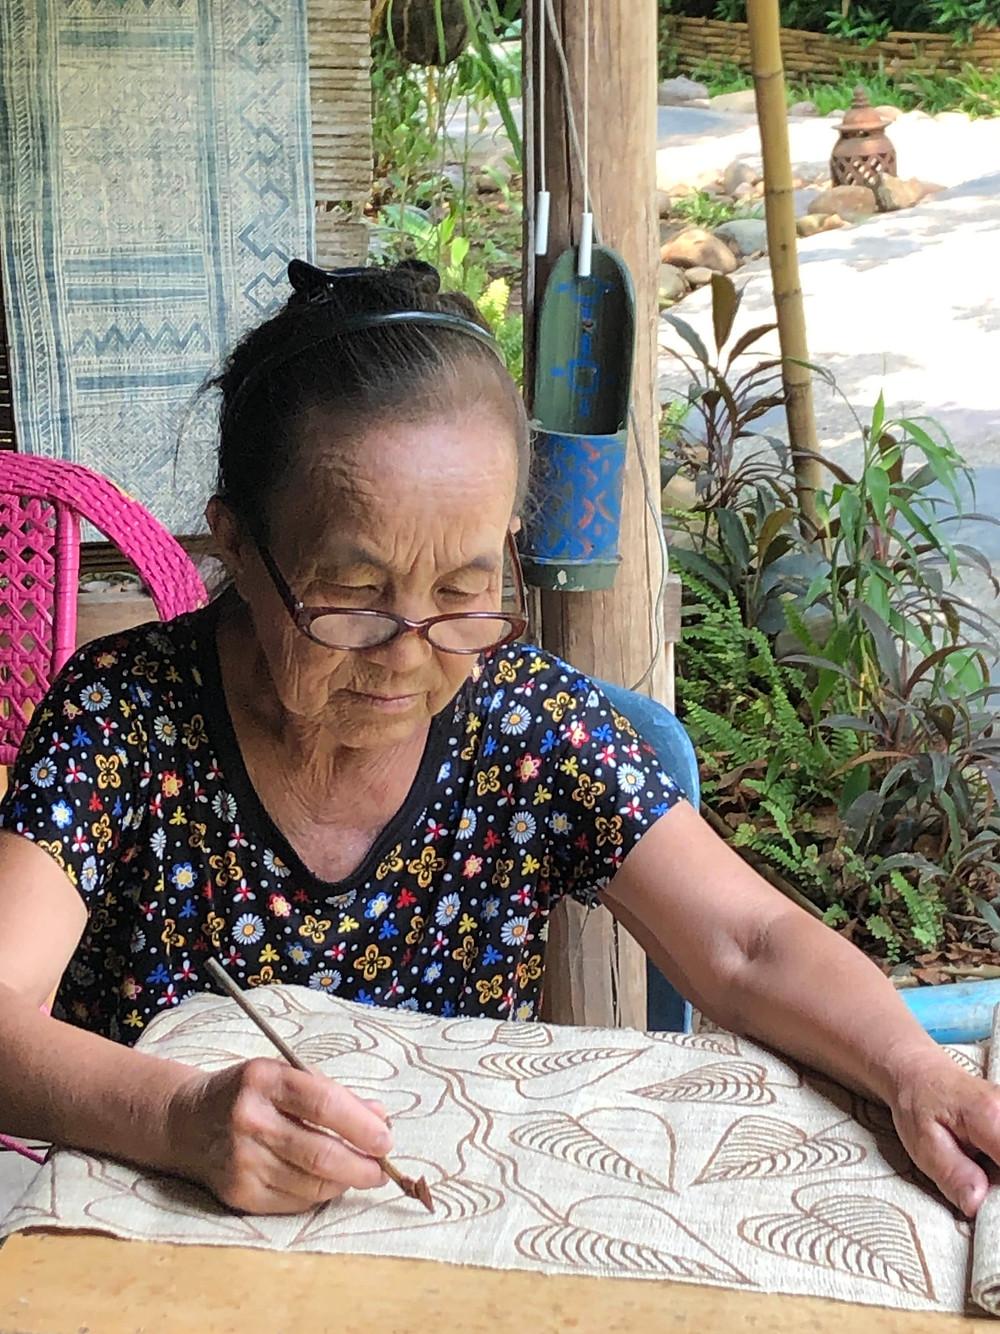 batik artist ock pop tok opt luang prabang laos